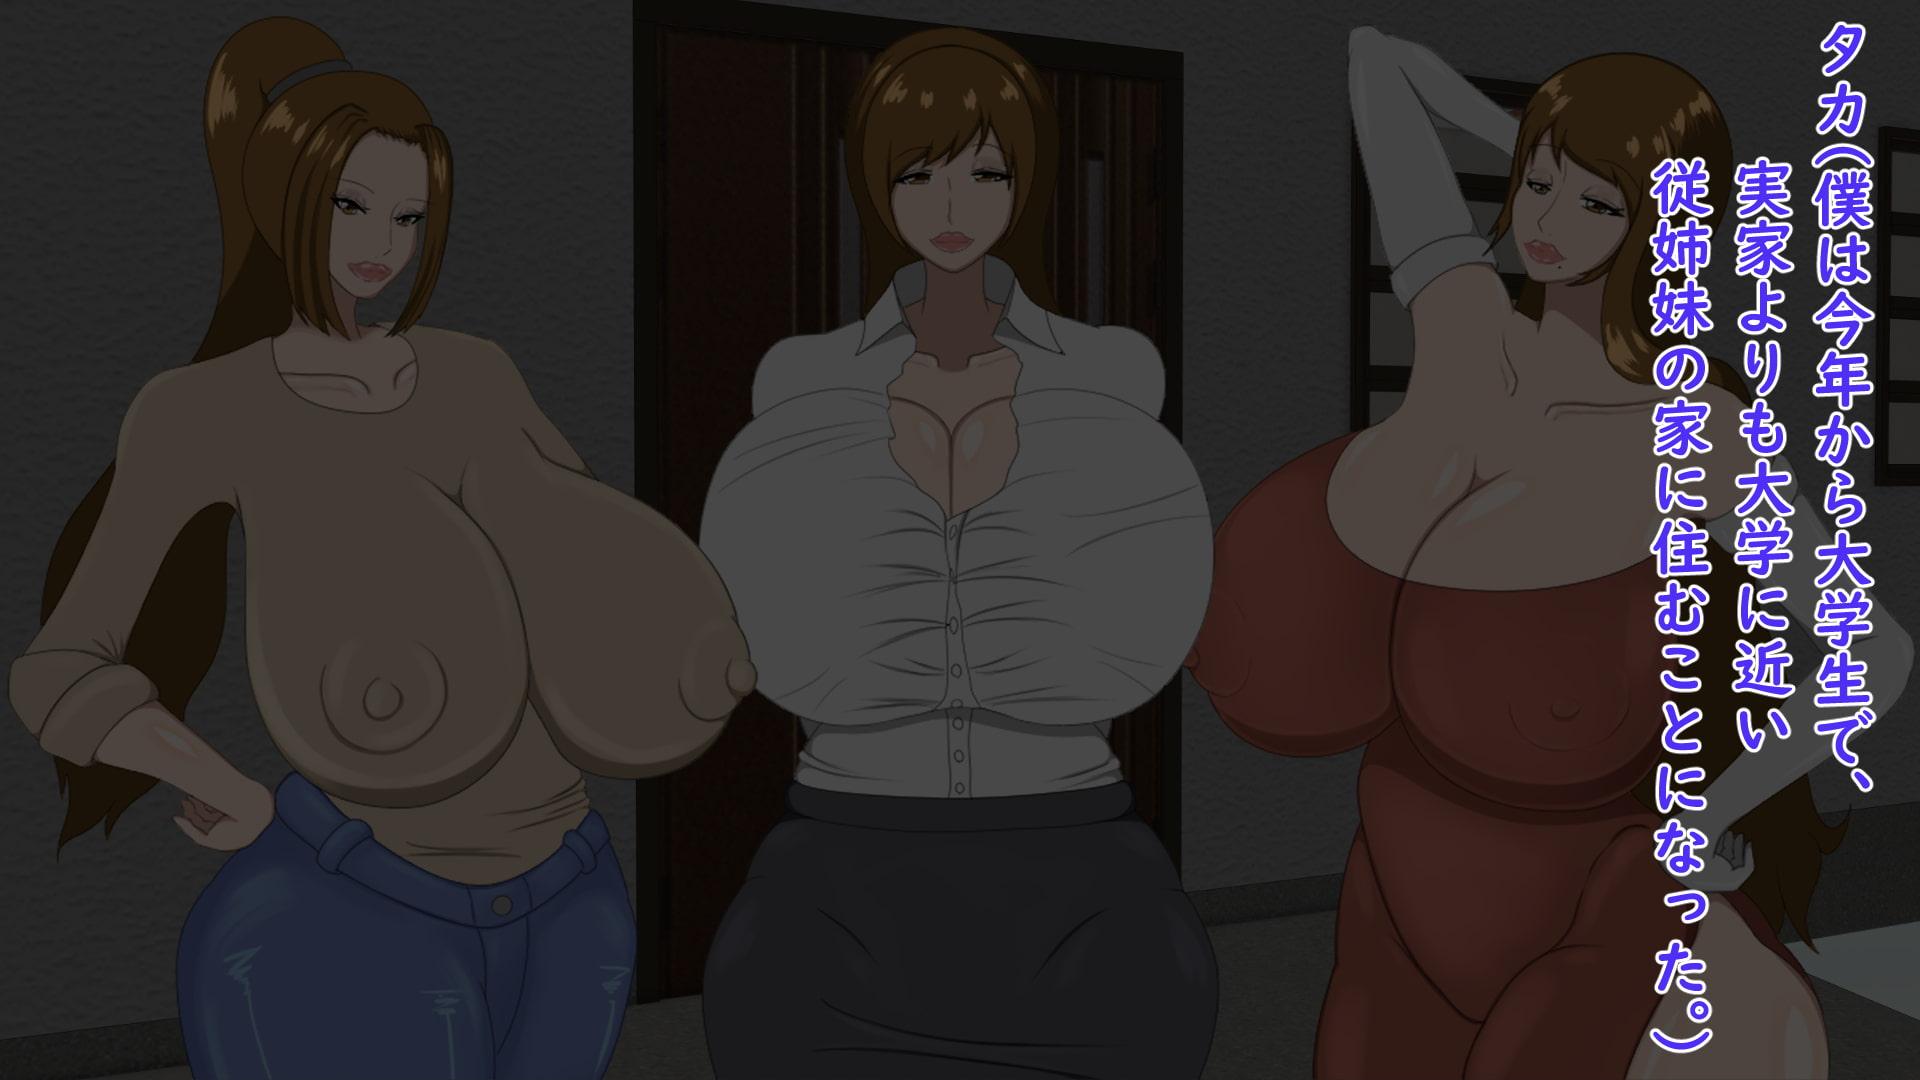 妖艶な従姉妹達 ~三女の場合~